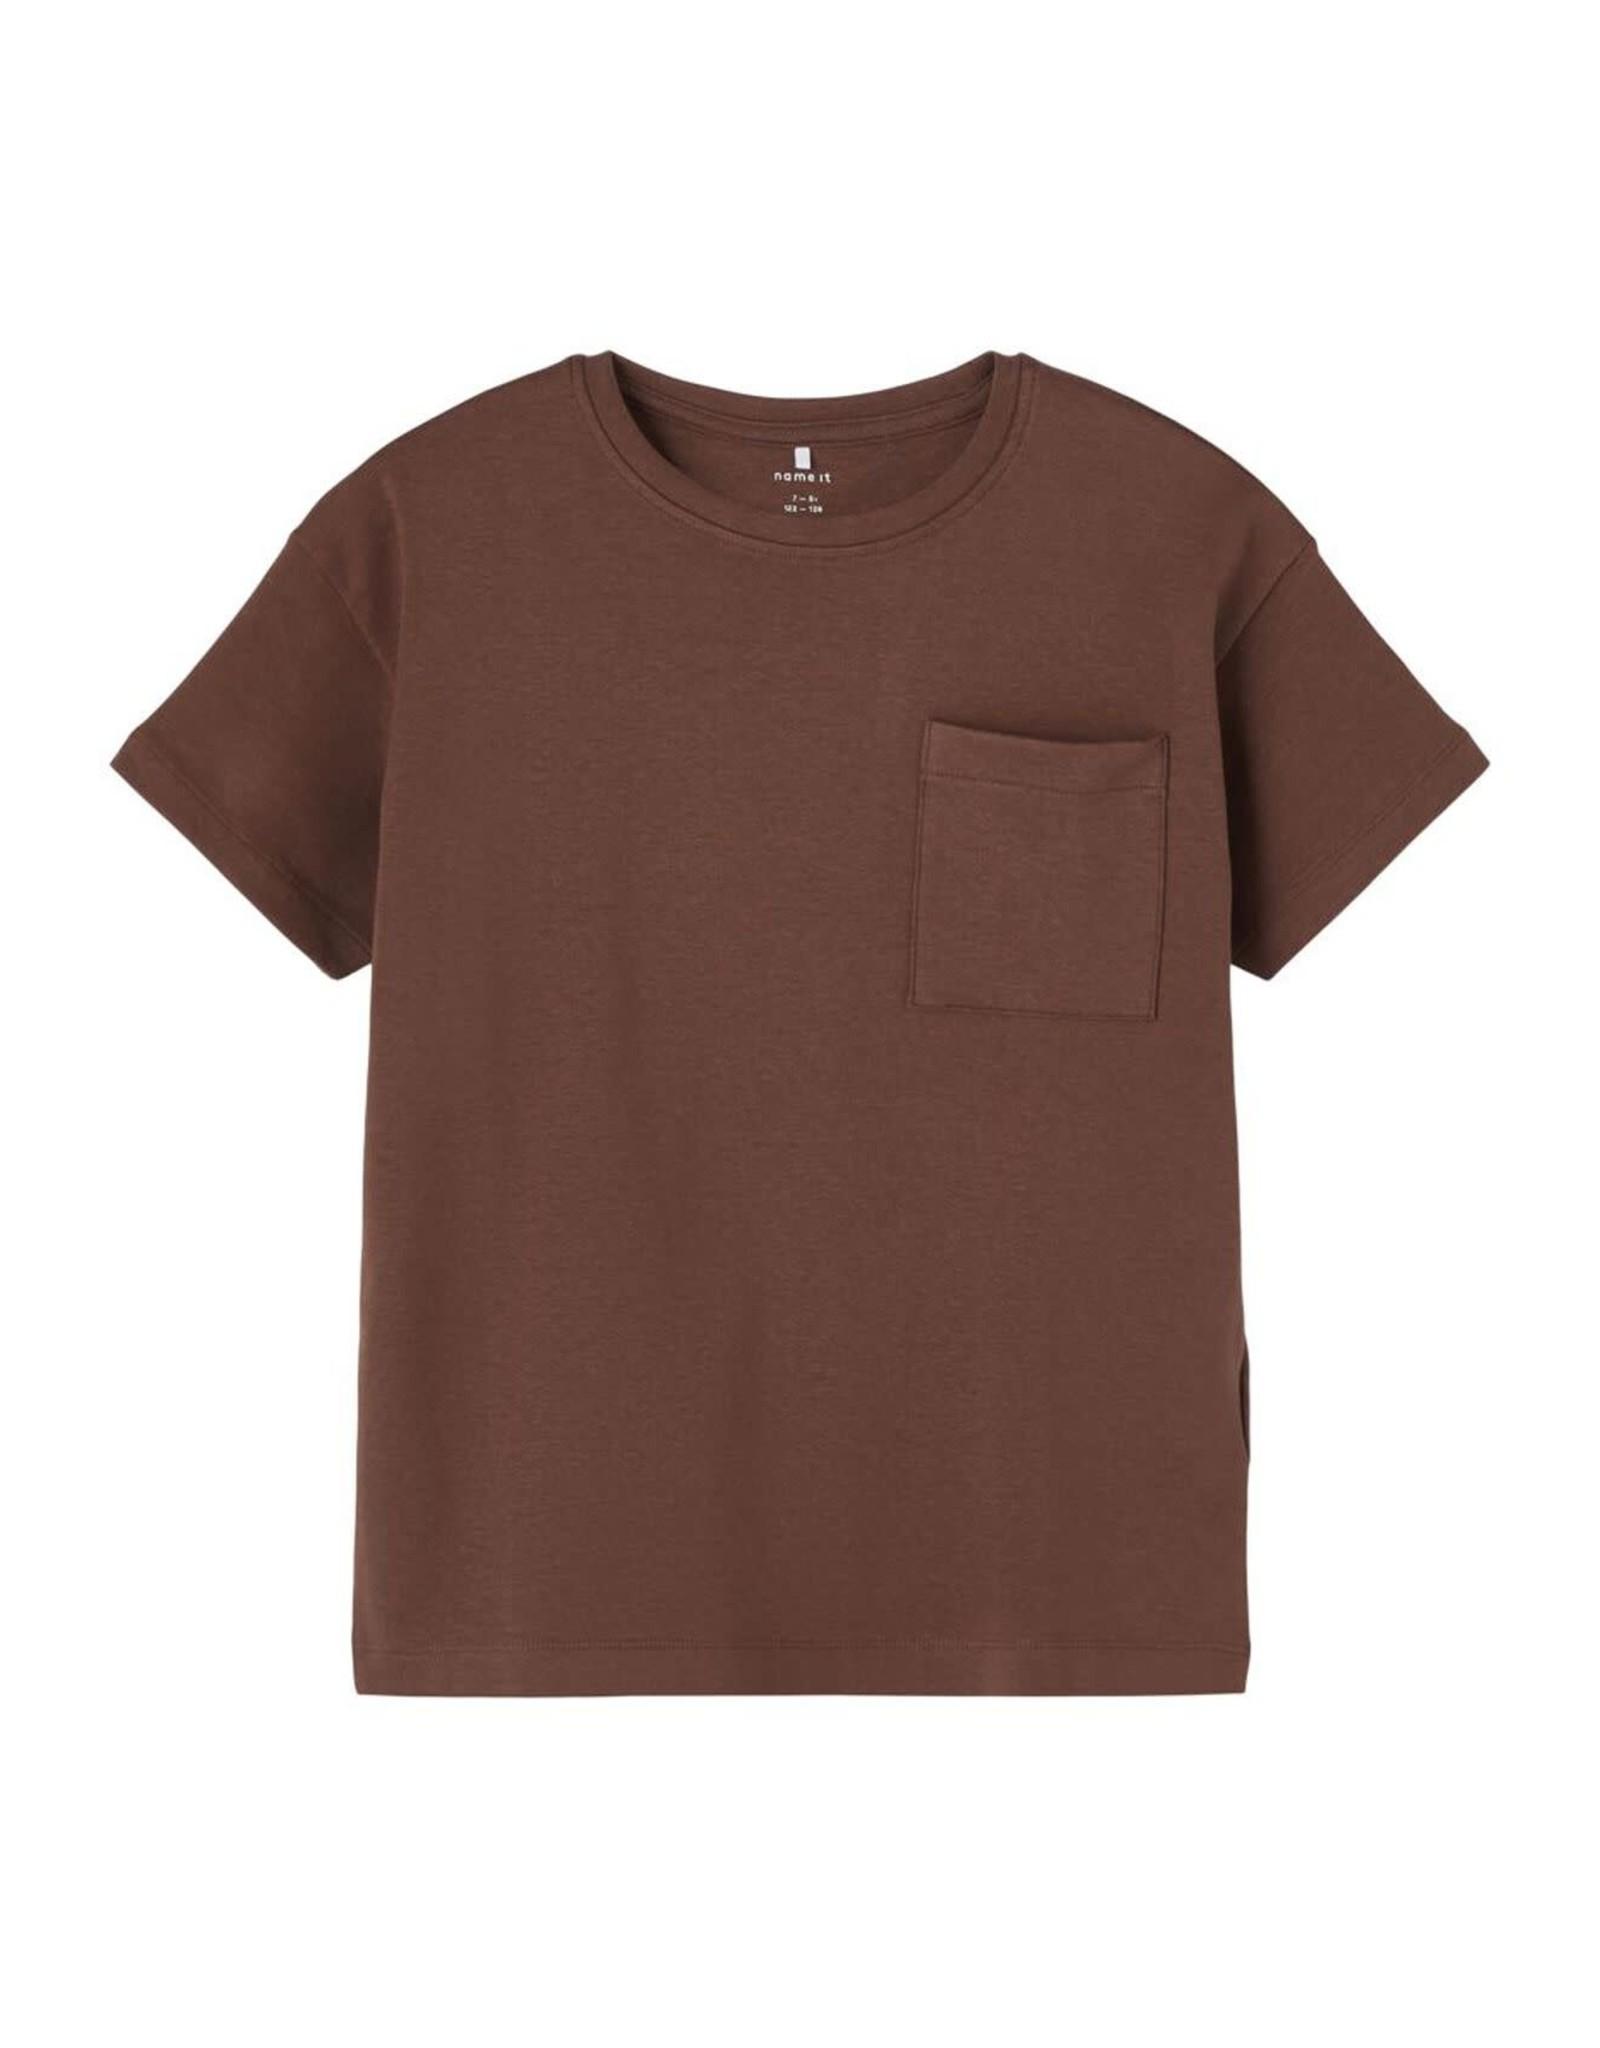 Name It Super zachte bruine t-shirt met borstzakje